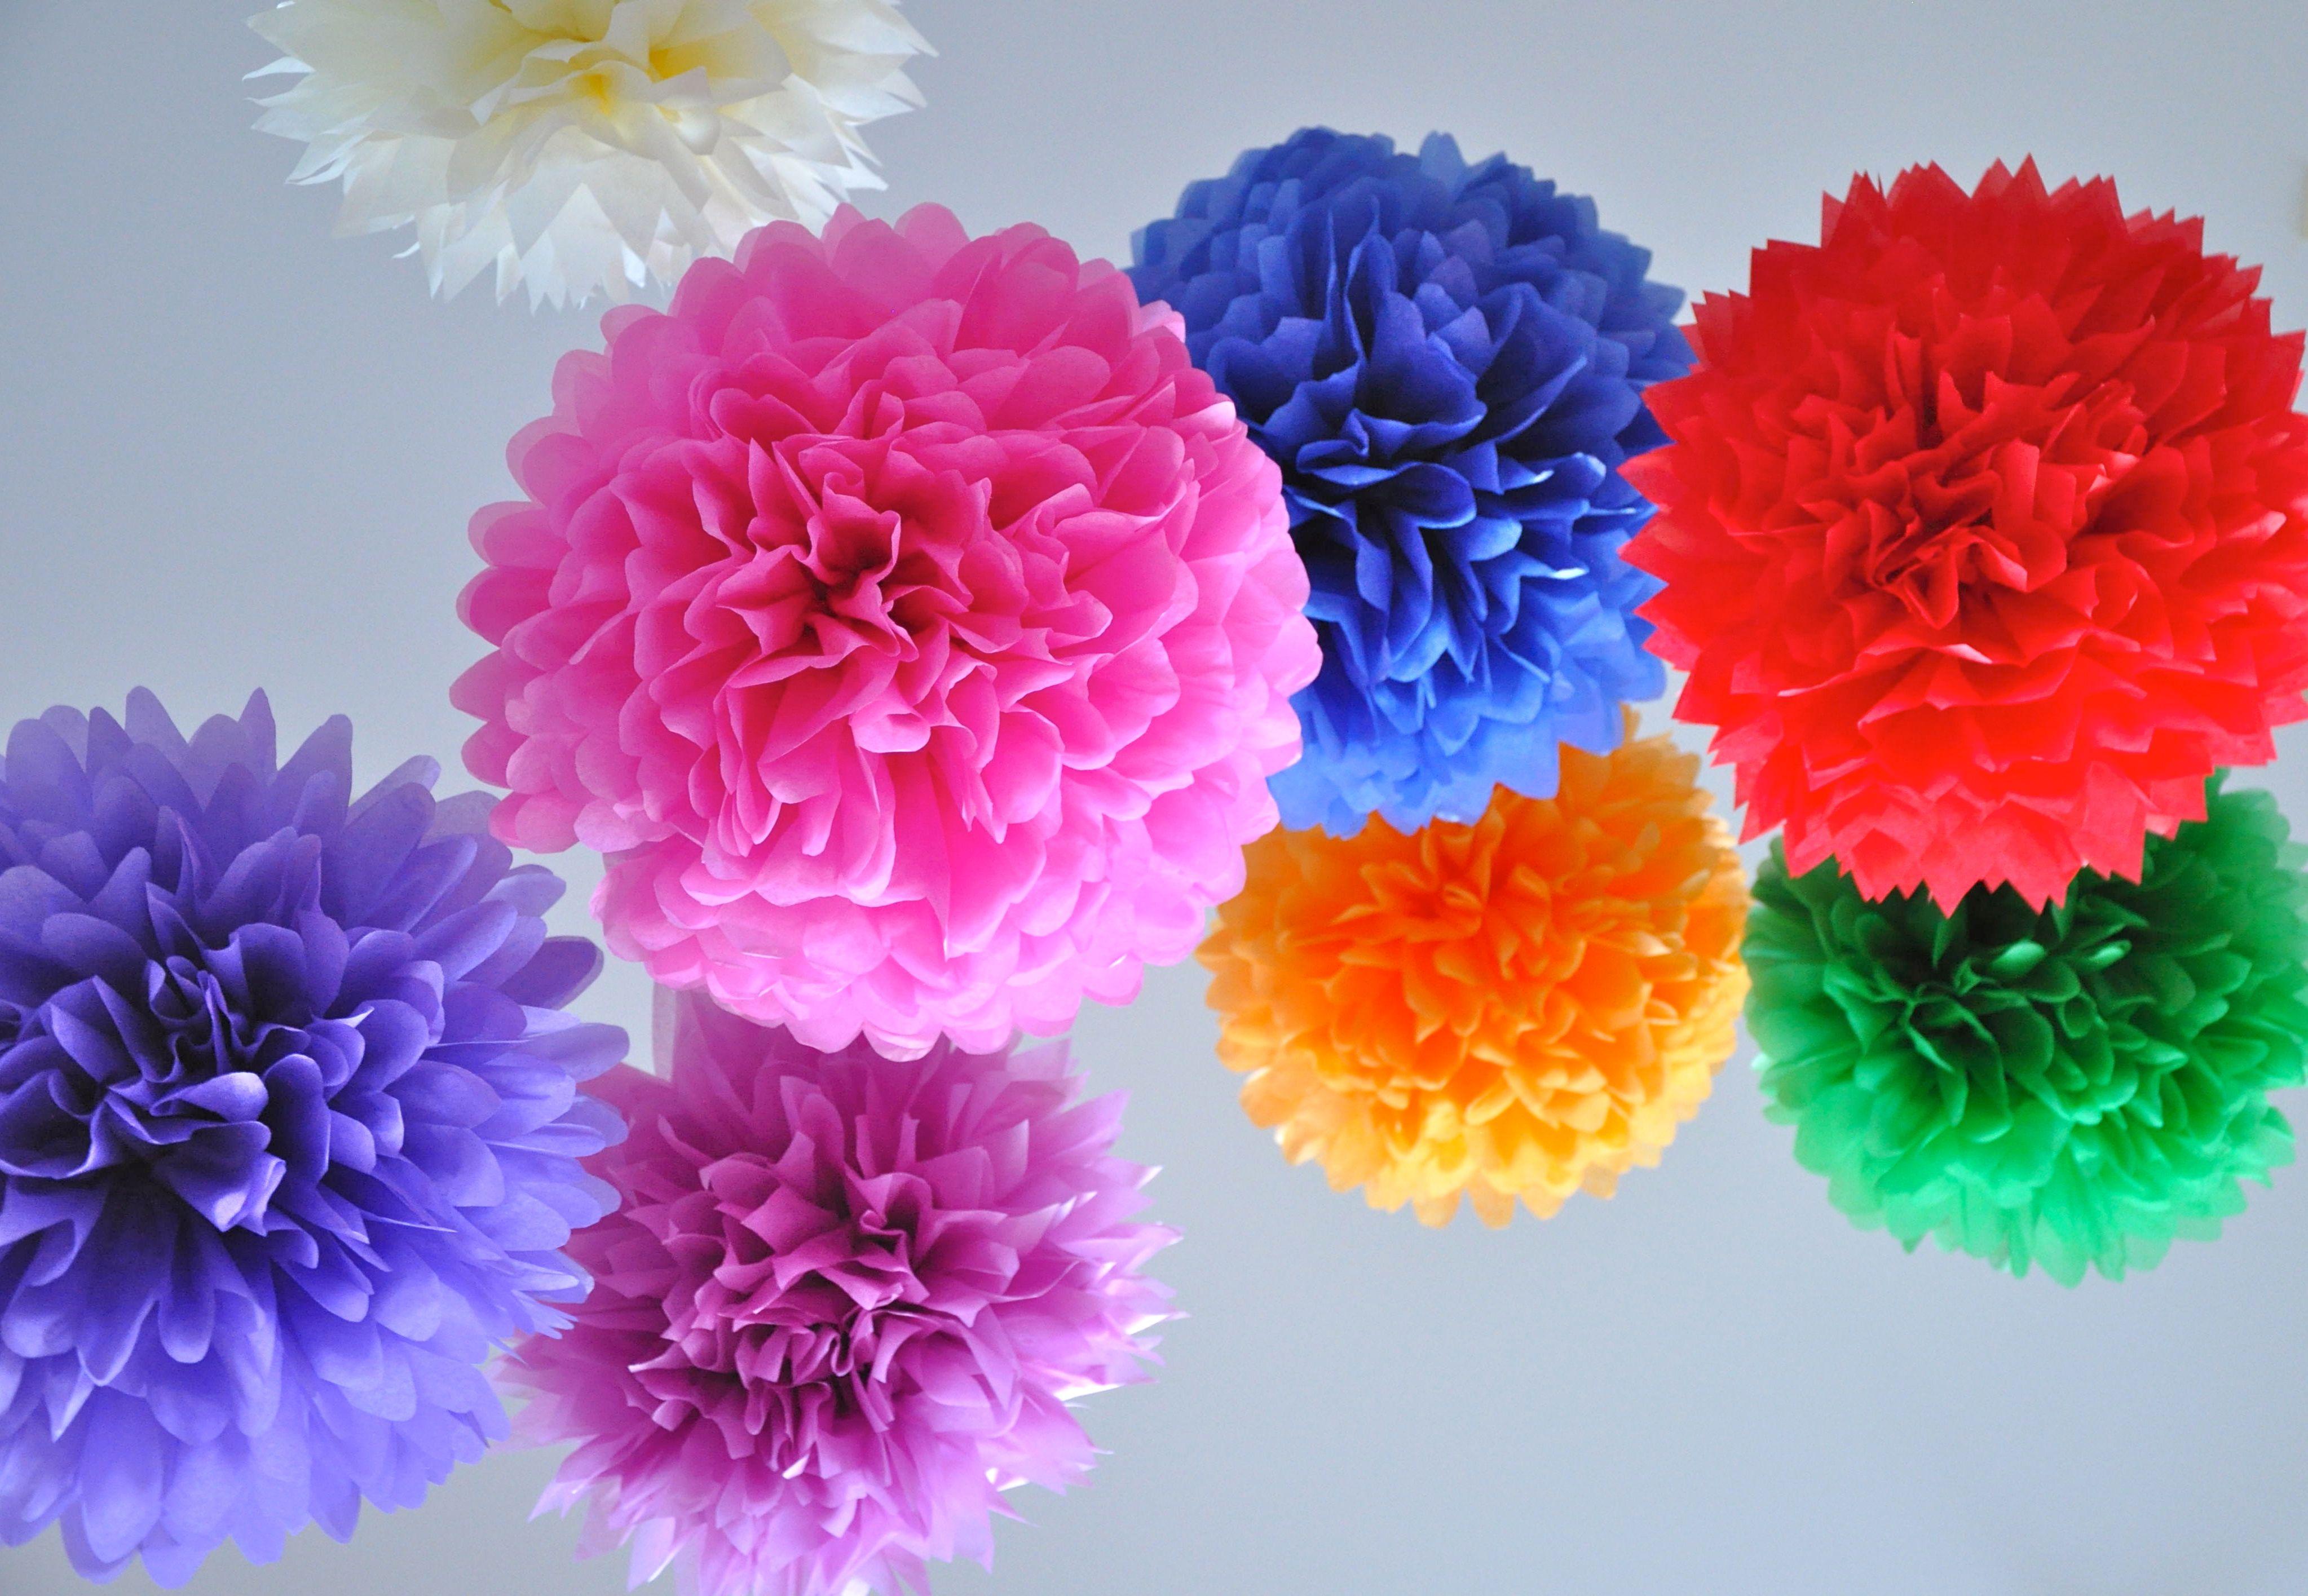 10 Paper Pom Poms Wedding Decor Nursery Baby Mobile Custom Colors Paper Flower Ball Tissue Paper Pom Poms Wedding Tissue Paper Flowers